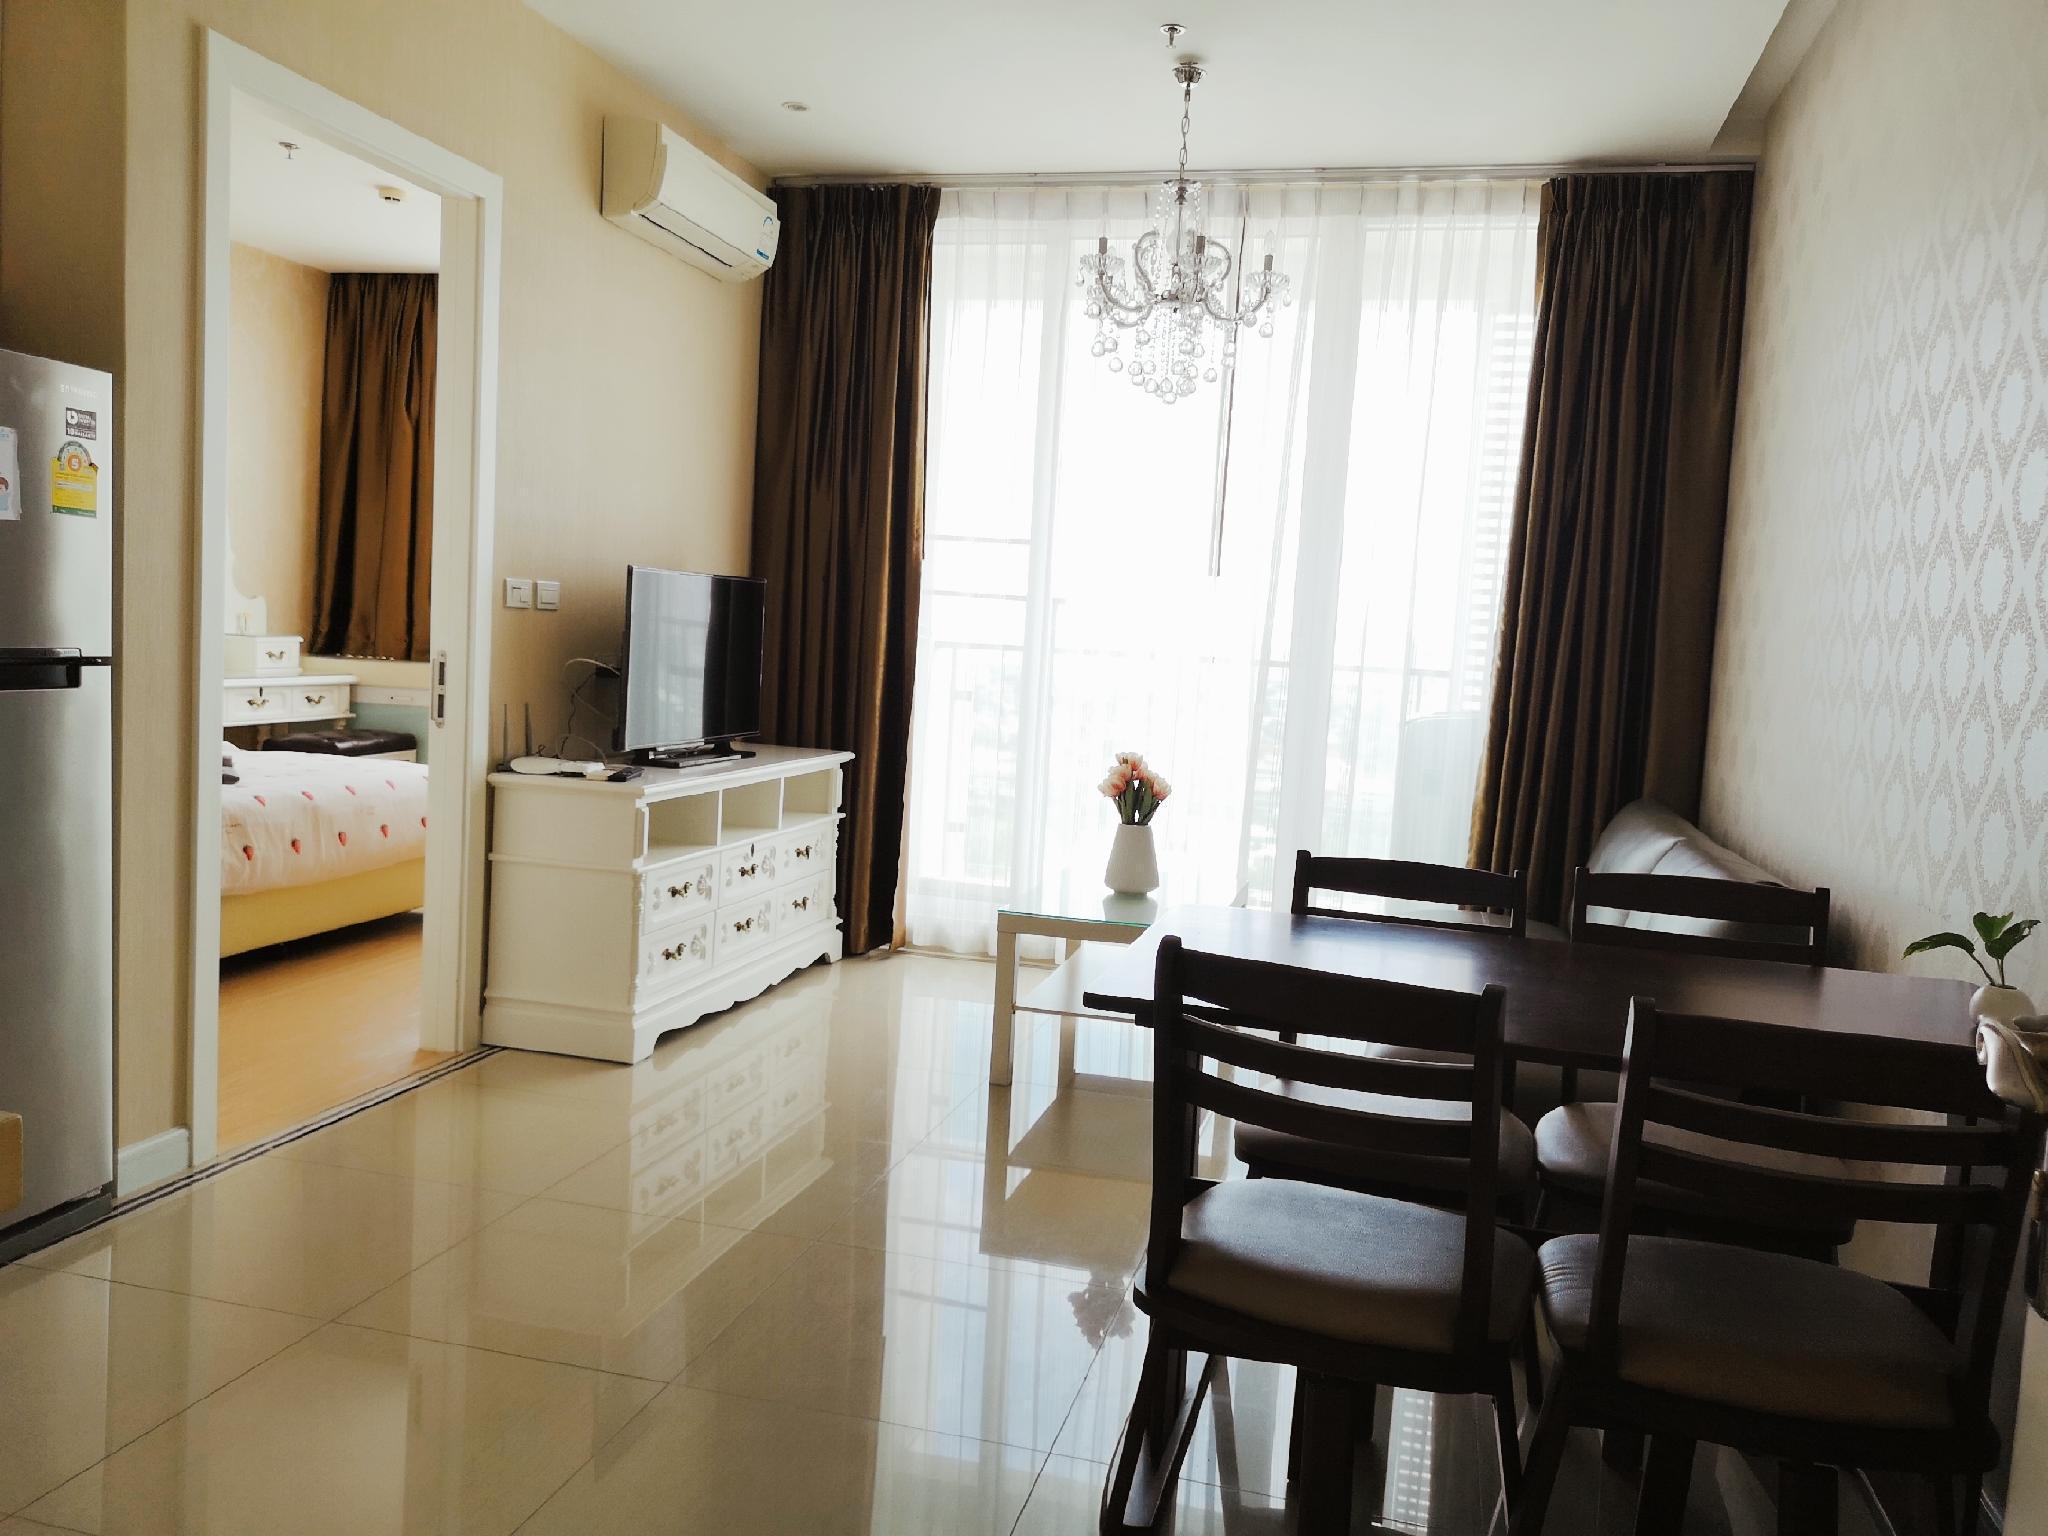 RCA RAMA9/sky pool /wifi/big 1bedroom อพาร์ตเมนต์ 1 ห้องนอน 1 ห้องน้ำส่วนตัว ขนาด 45 ตร.ม. – รัชดาภิเษก